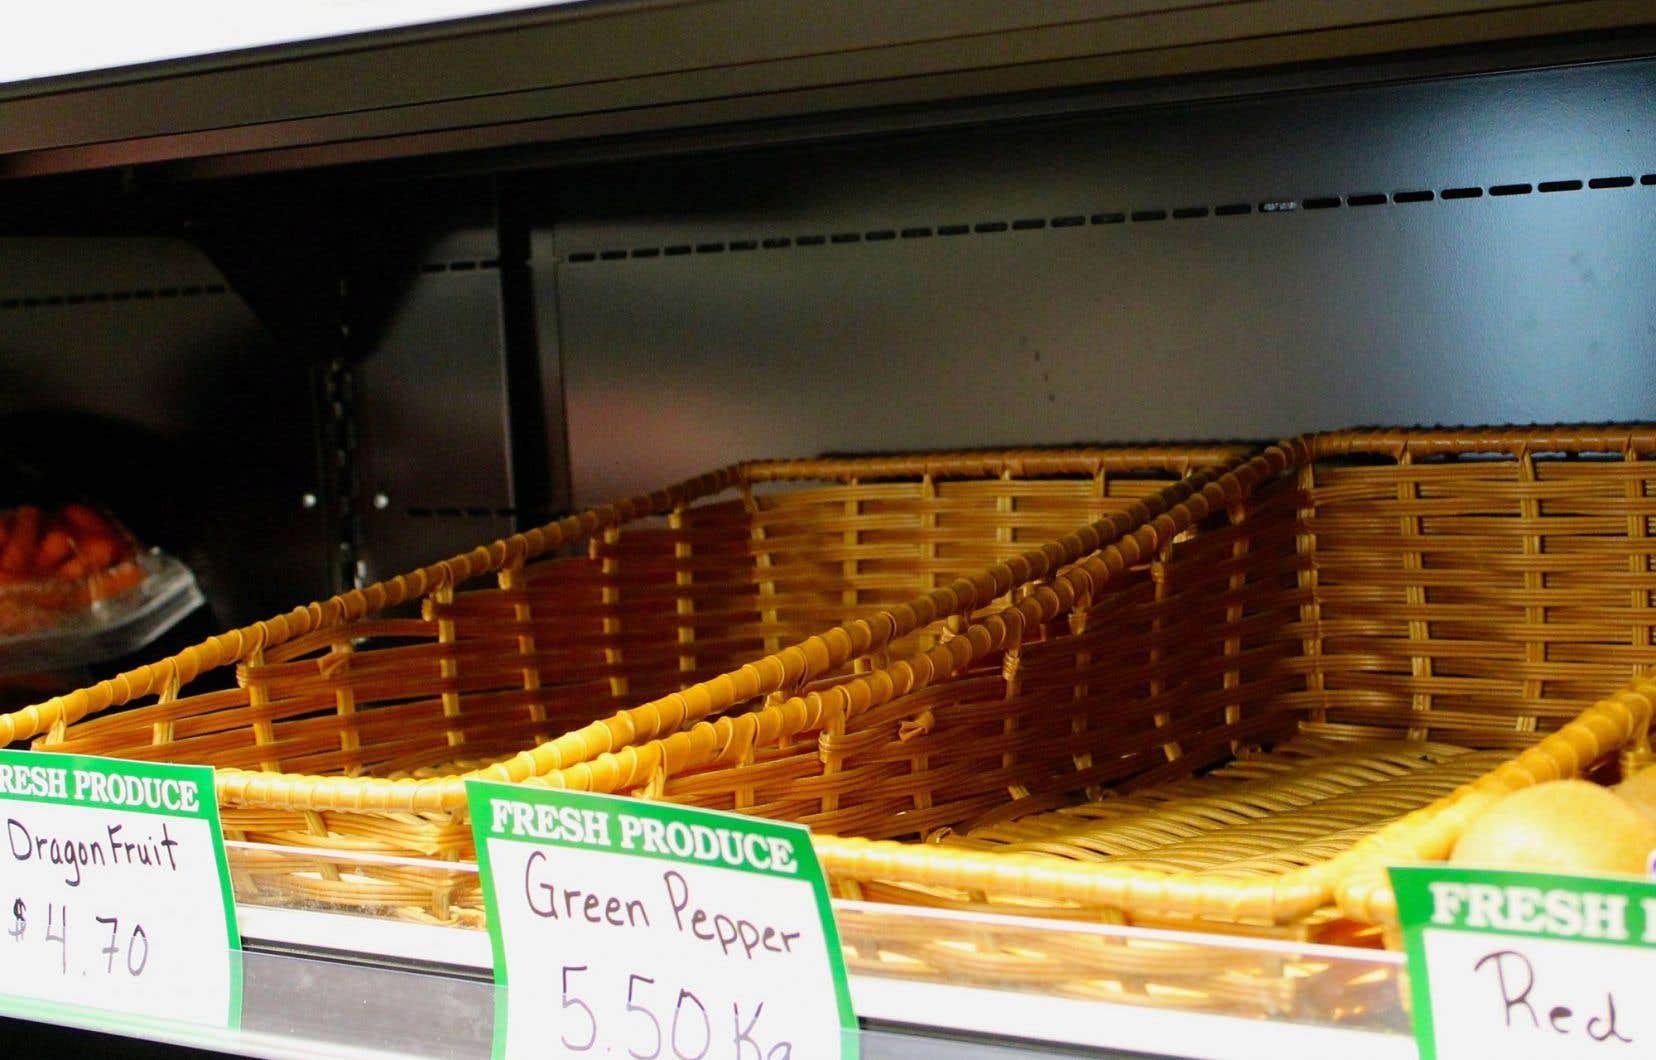 Les cageots sont souvent vides dans le rayon des produits frais.